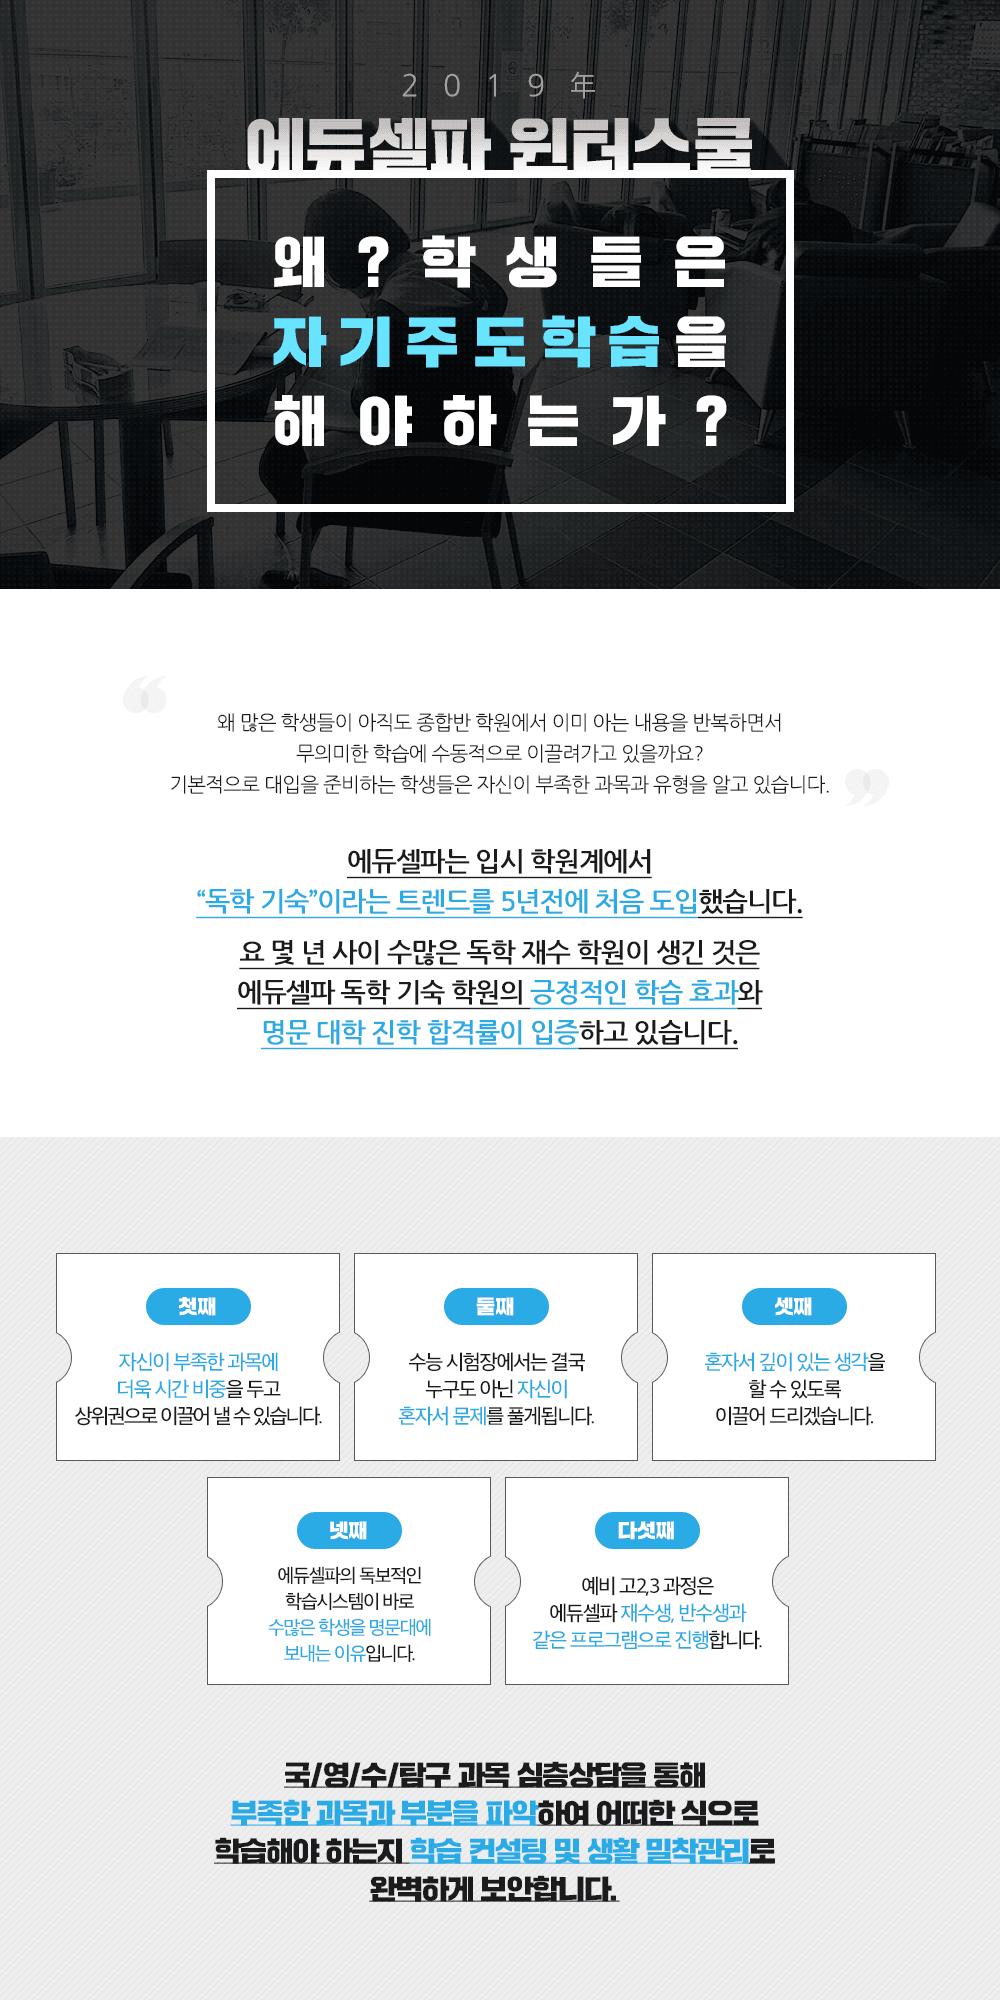 2019 윈터스쿨 에듀셀파 소개 pc